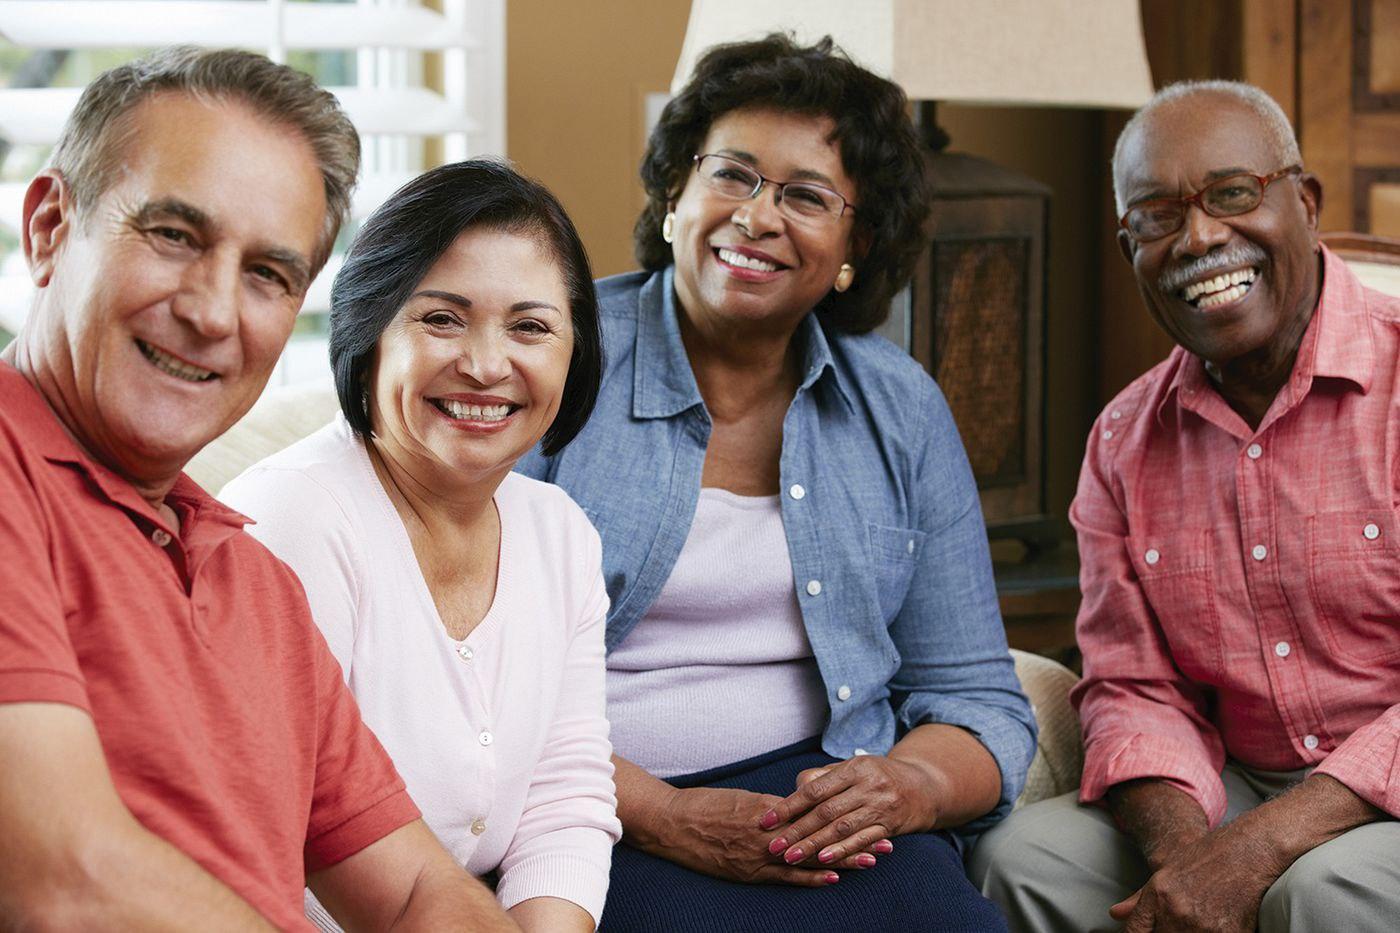 group-of-people-senior-living.jpg